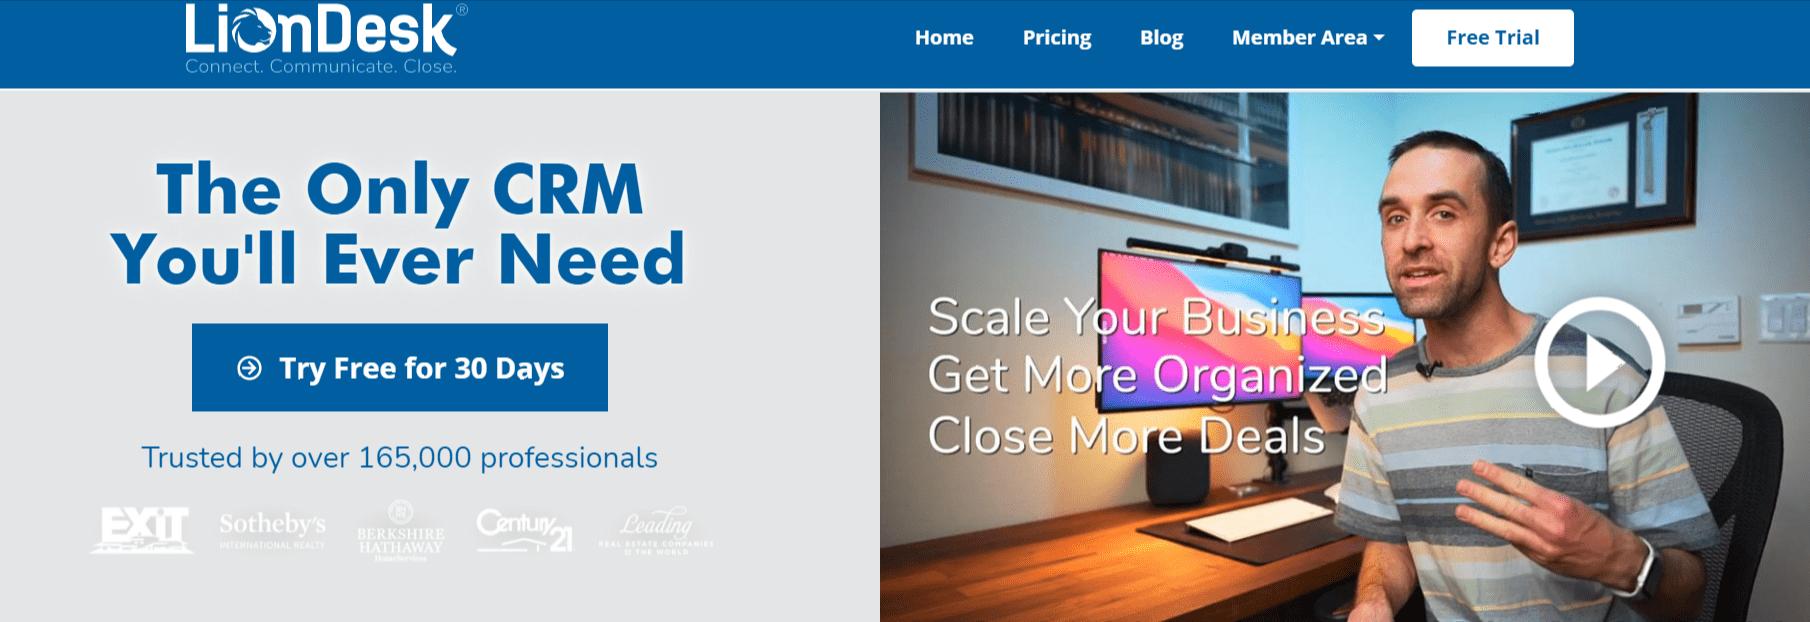 Liondesk : Best CRM for real estate